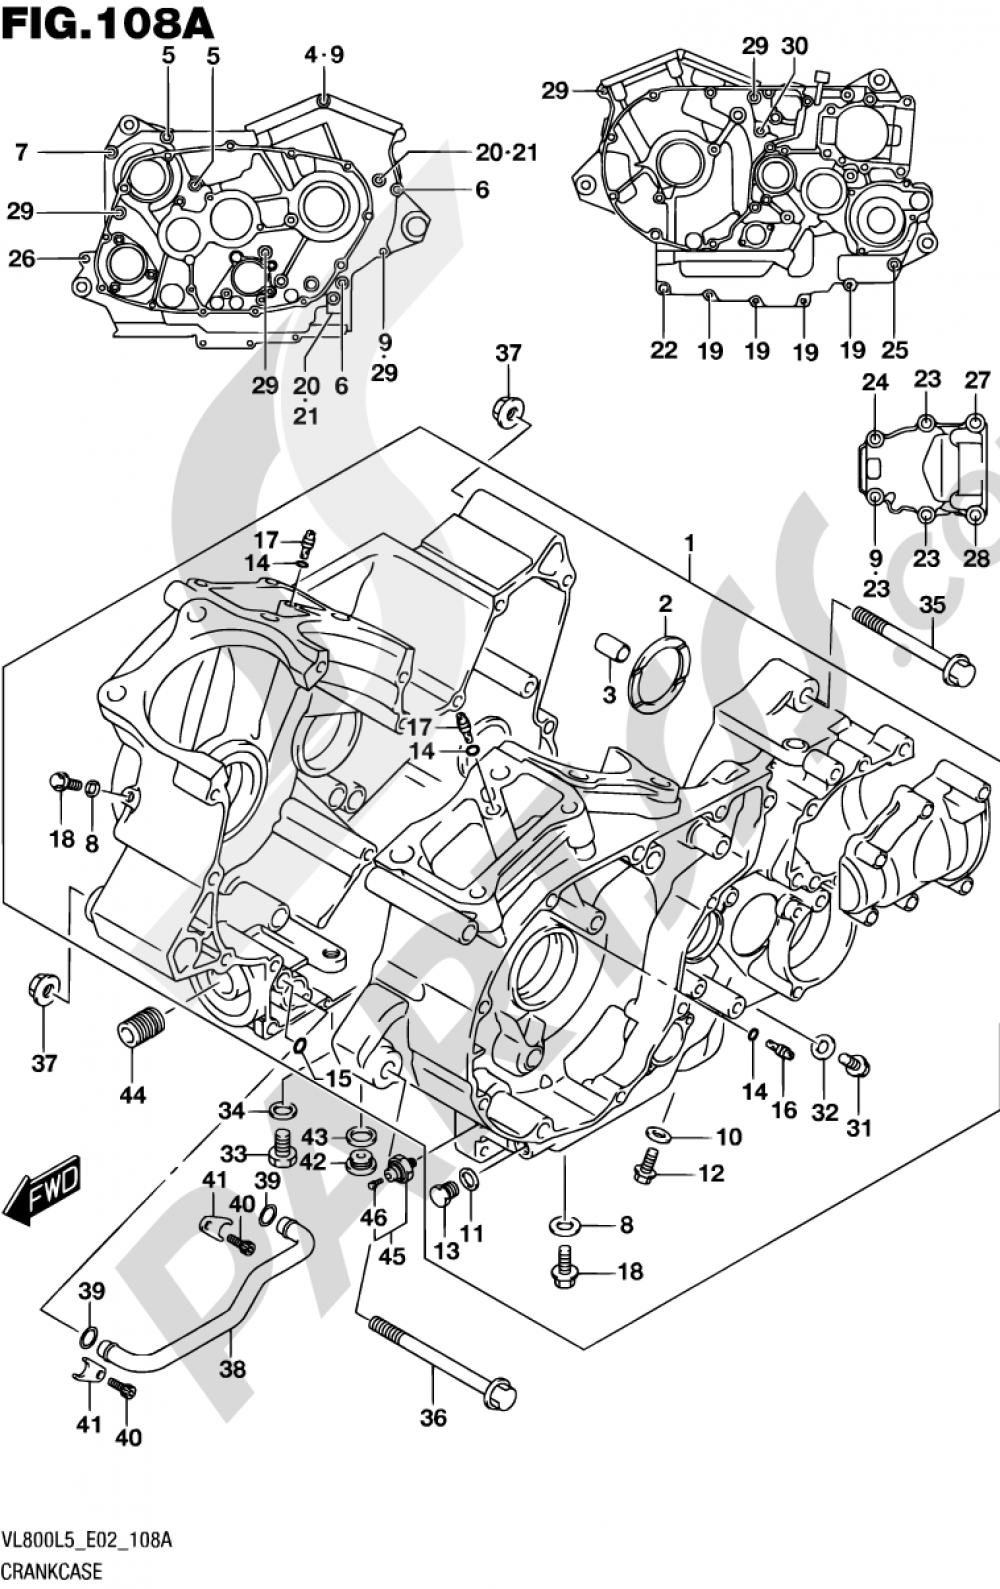 108A - CRANKCASE (VL800L5 E02) Suzuki INTRUDER VL800 2015